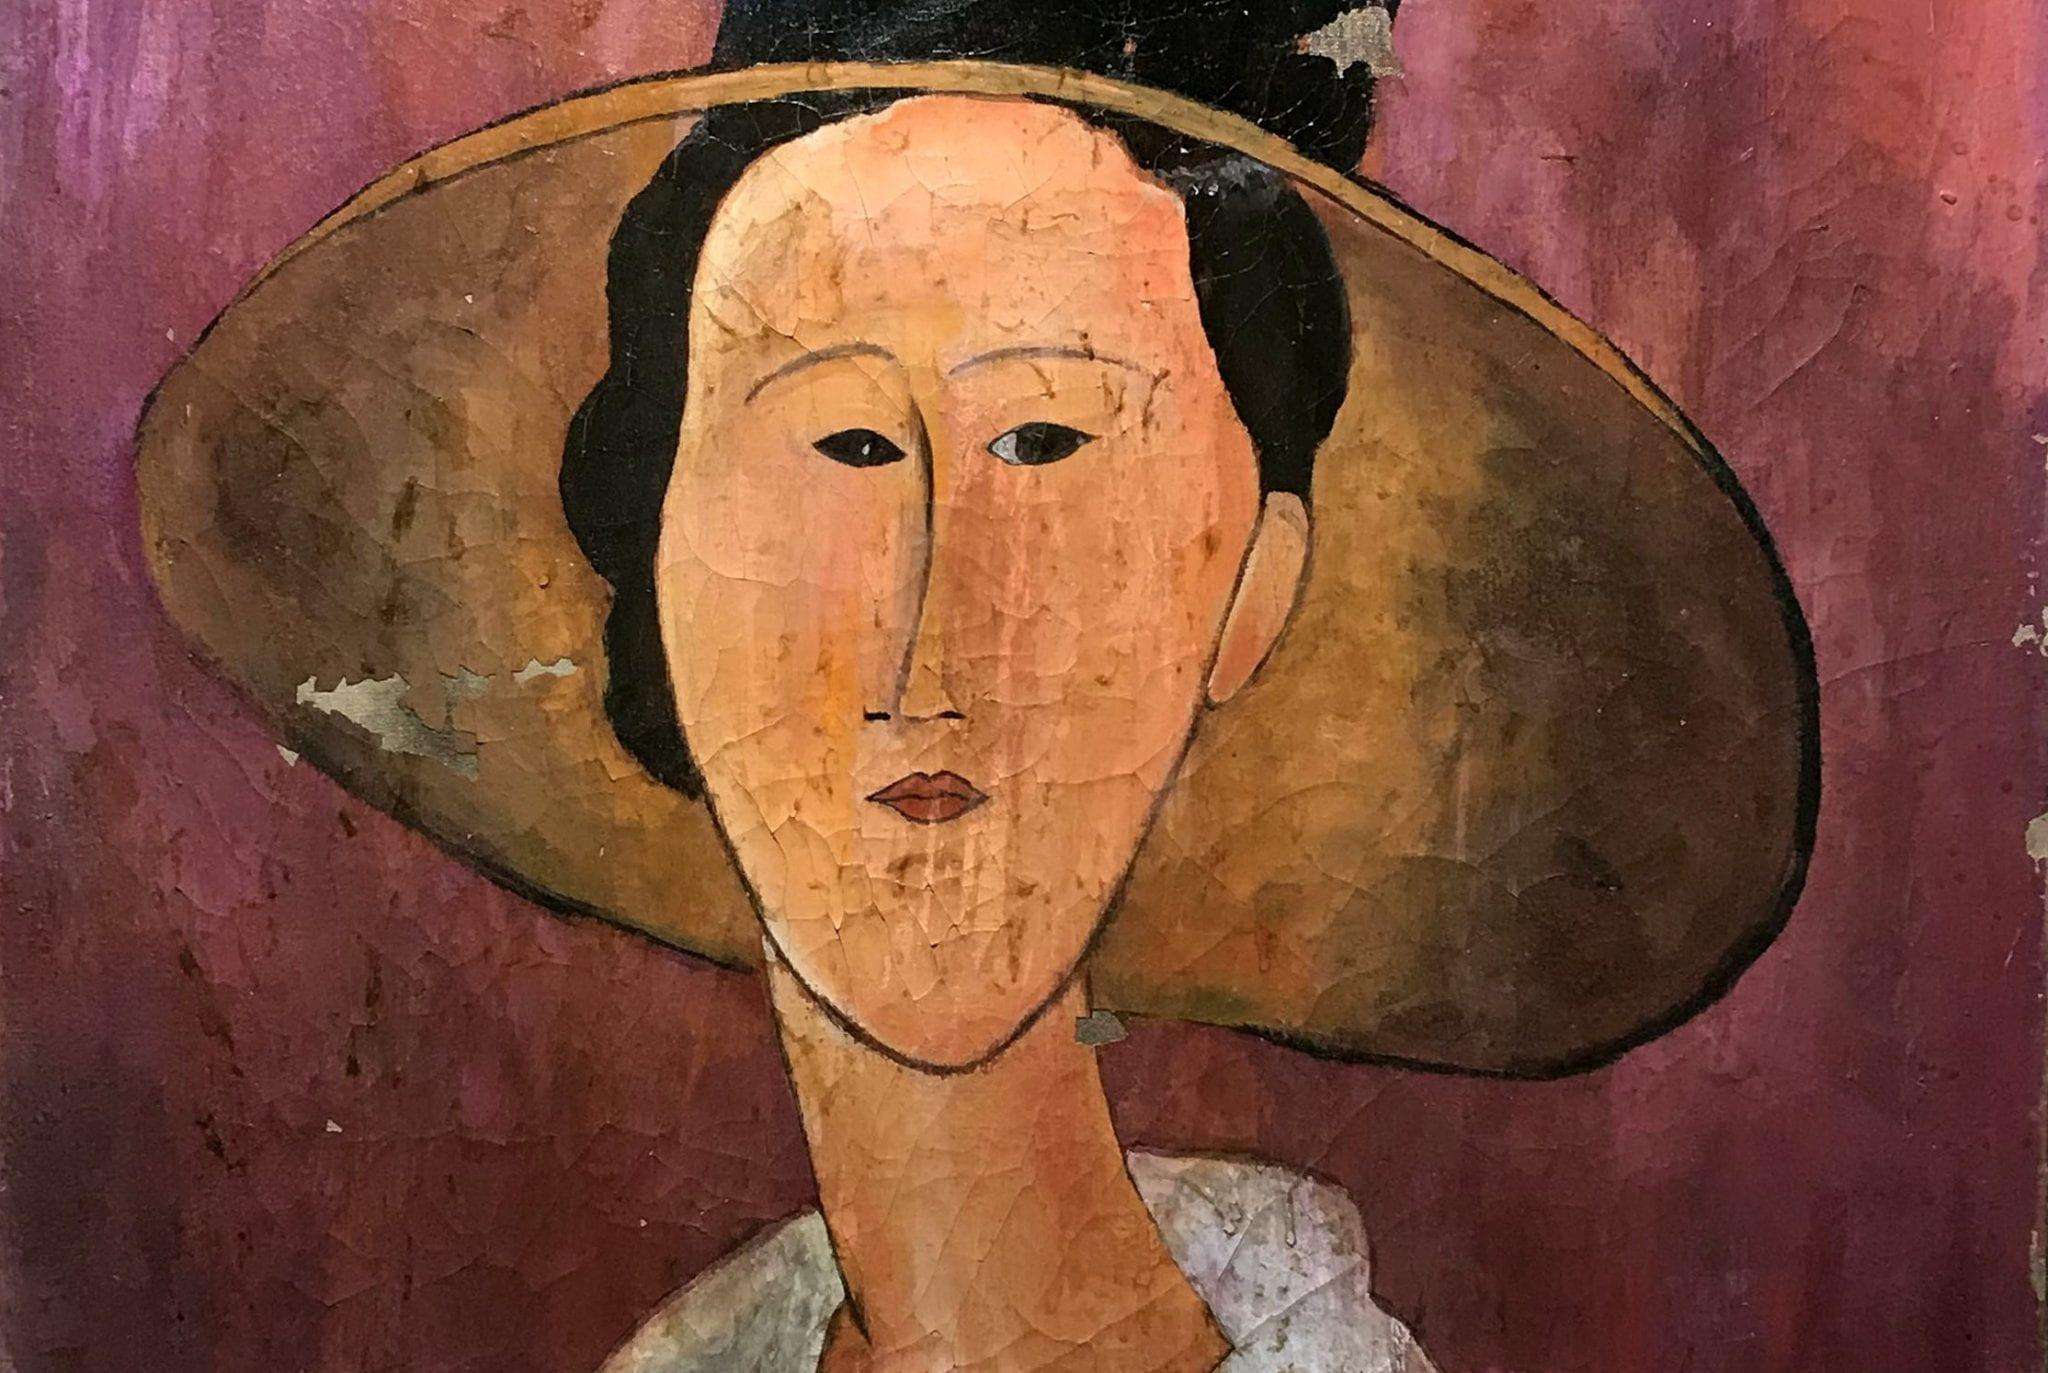 Modigliani falsi. I Carabinieri sequestrano due dipinti appena esposti a Palermo a Palazzo Bonocore